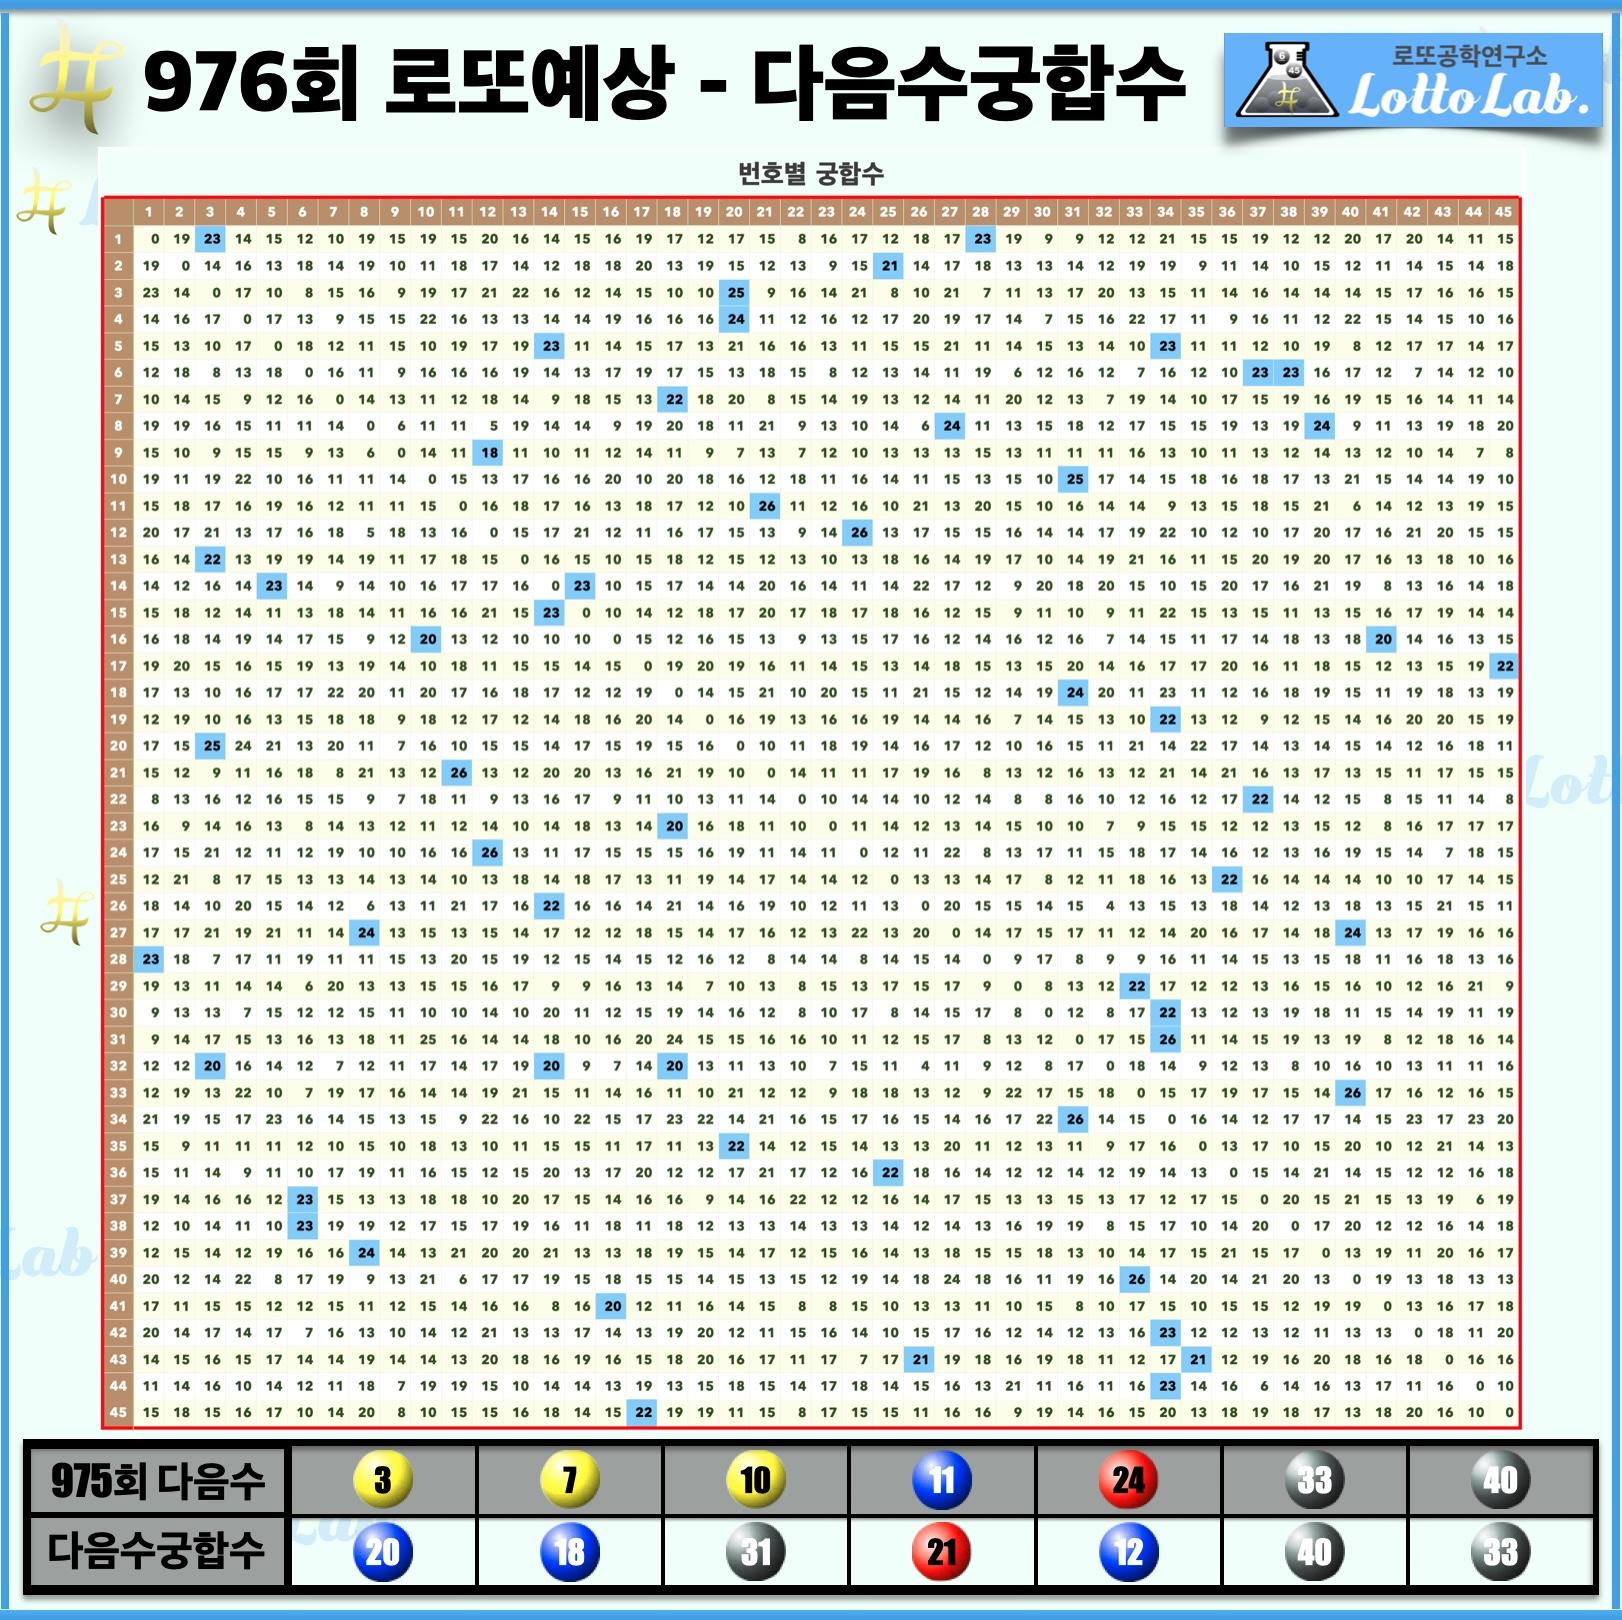 로또랩 로또976 당첨 번호 예상 - 다음수궁합수.j